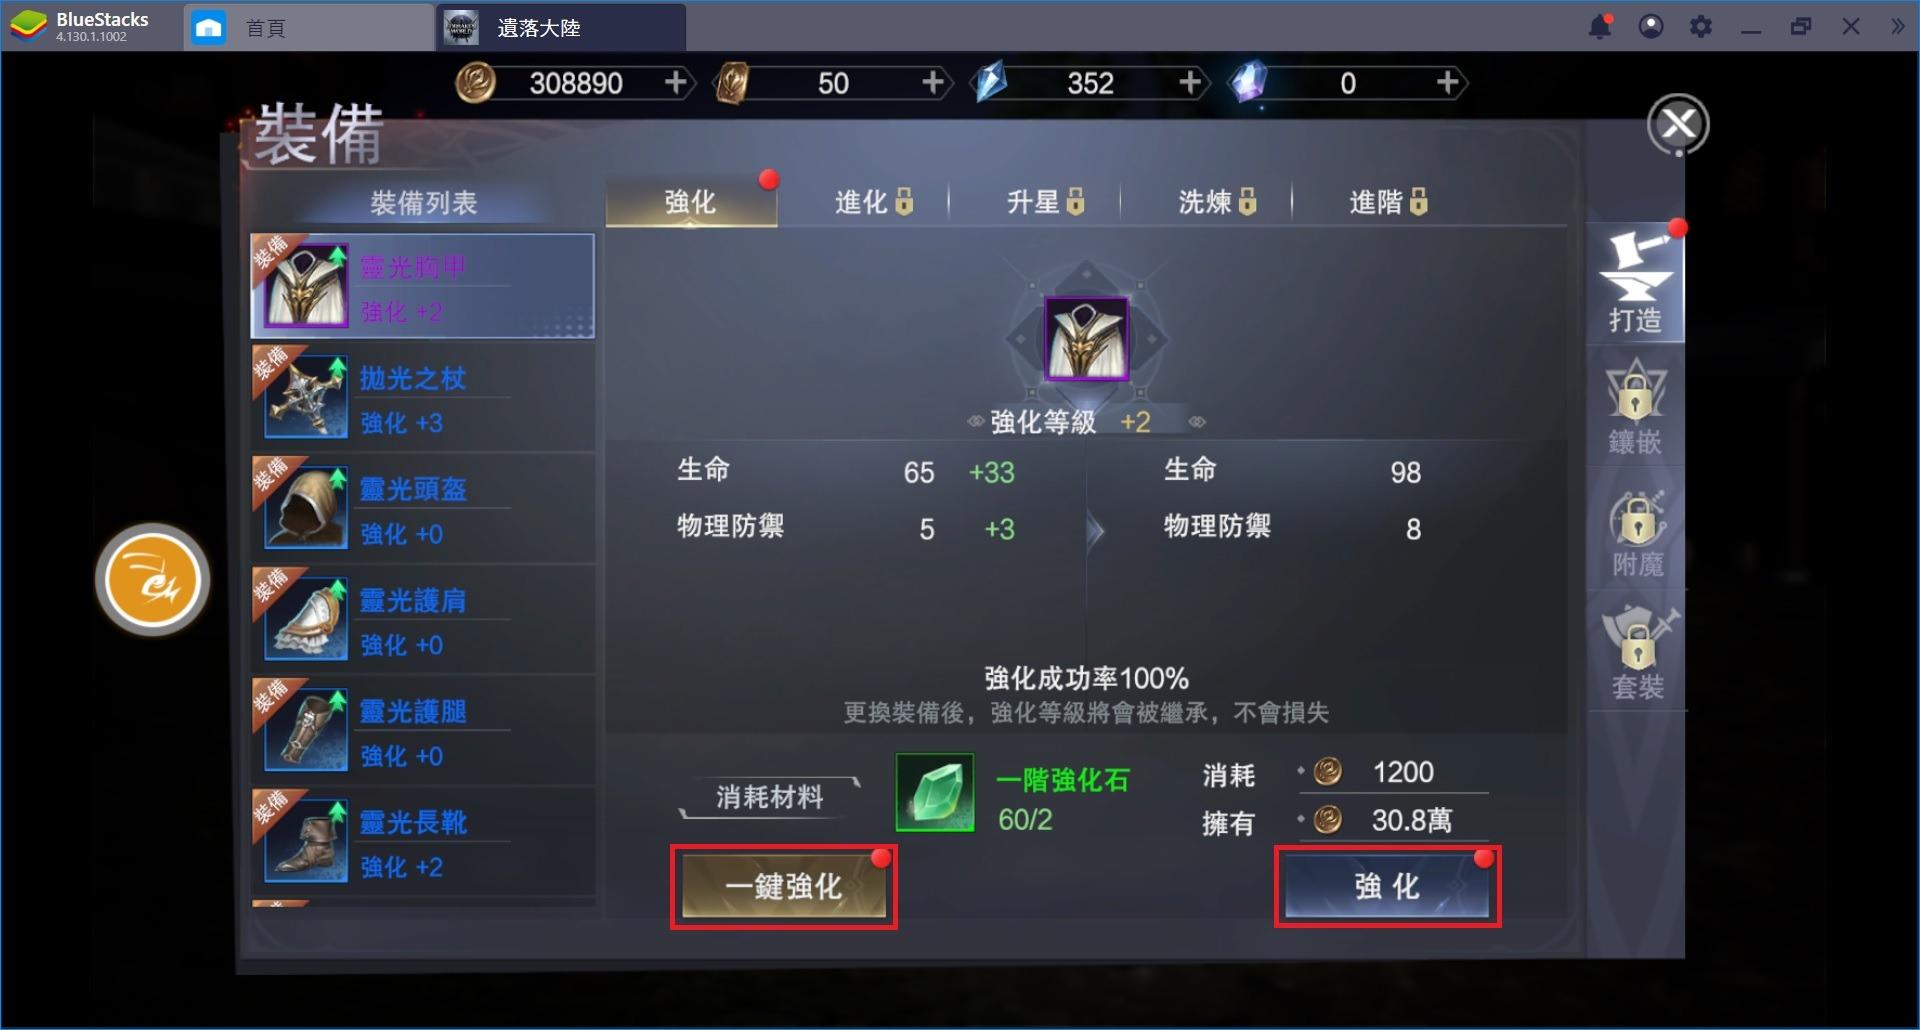 使用BlueStacks在電腦上初次體驗MMORPG鉅作《遺落大陸》